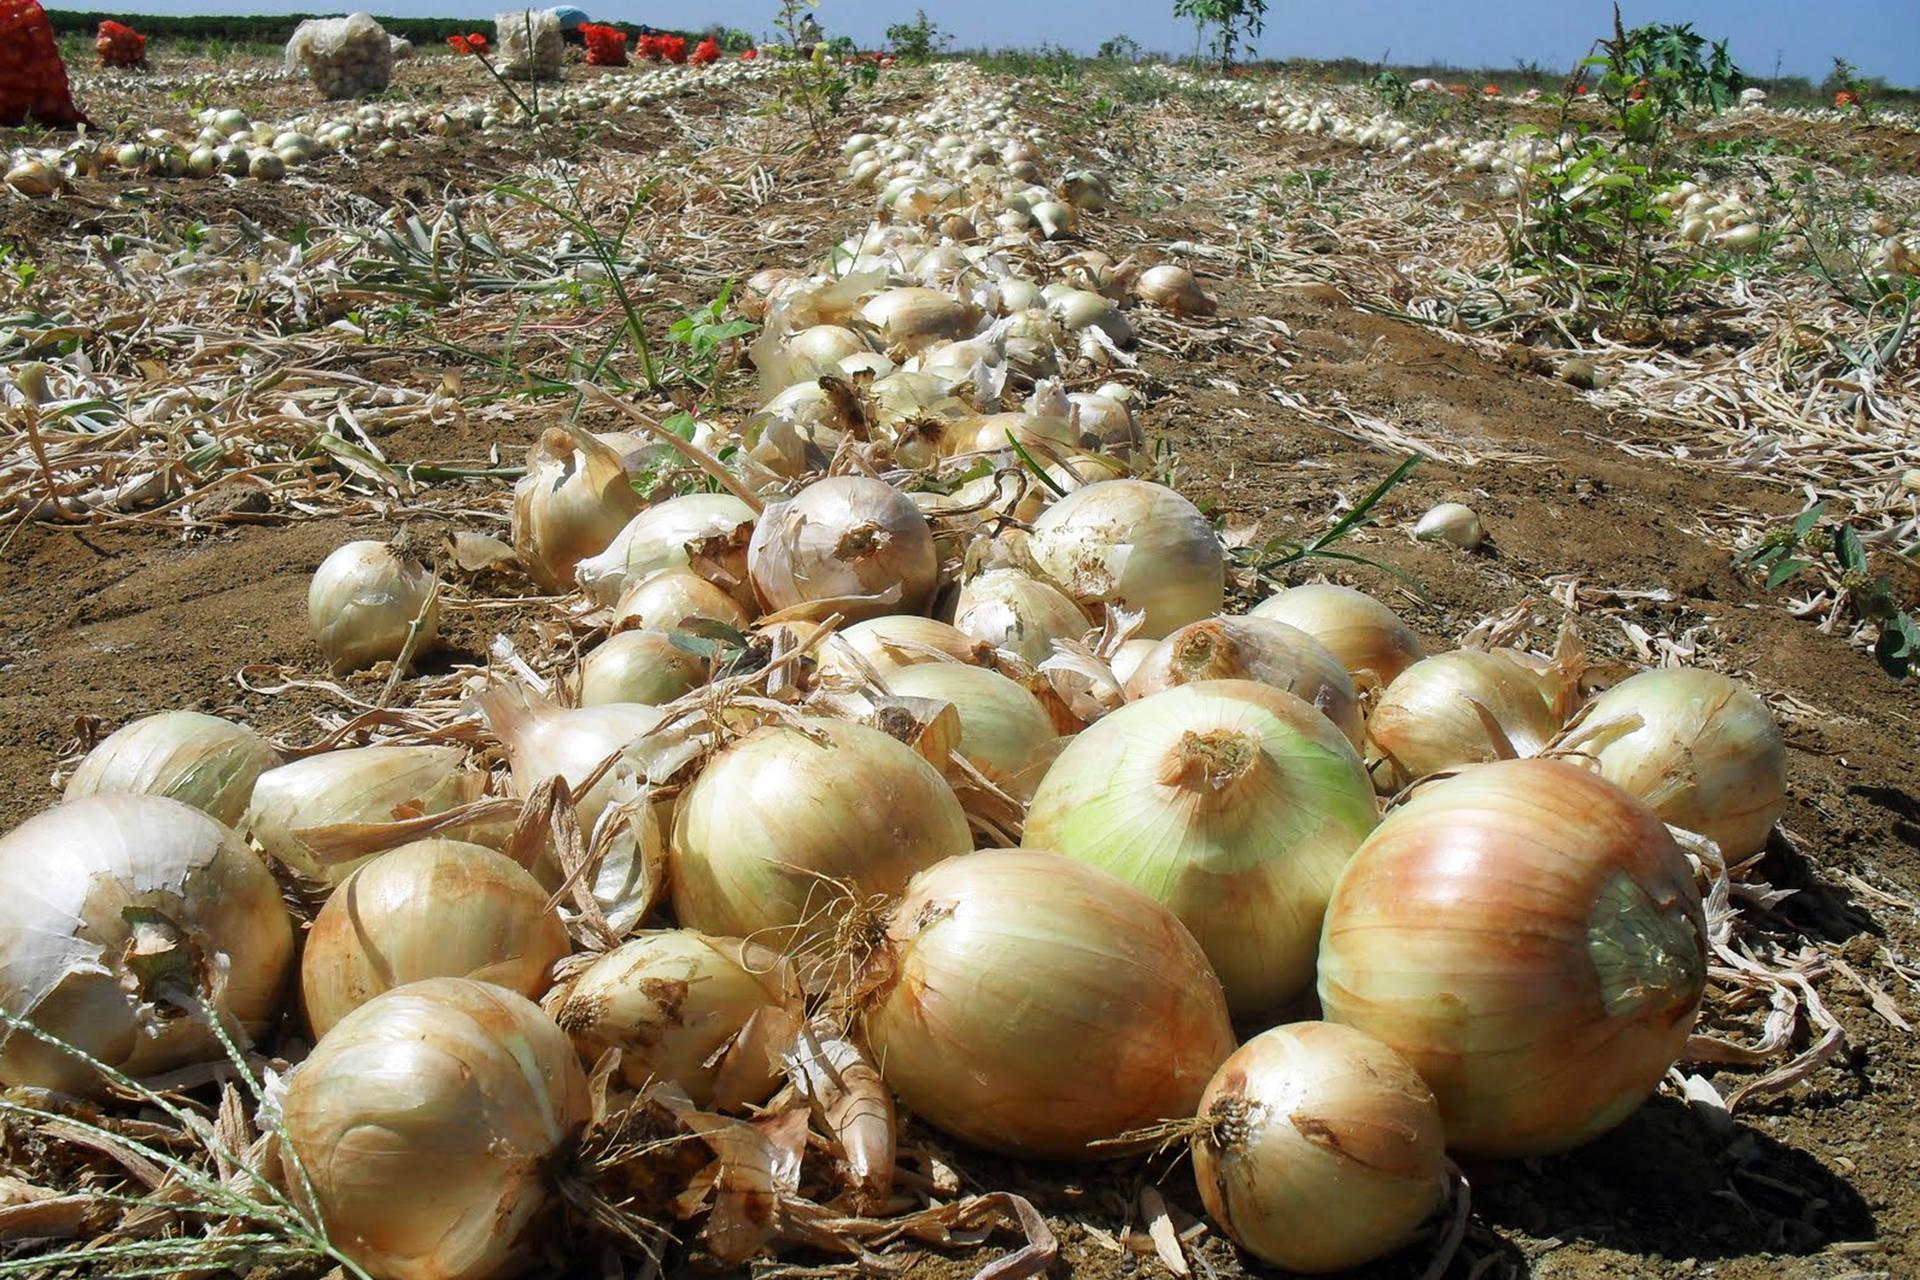 Boletim agropecuário destaca colheita da cebola no Estado